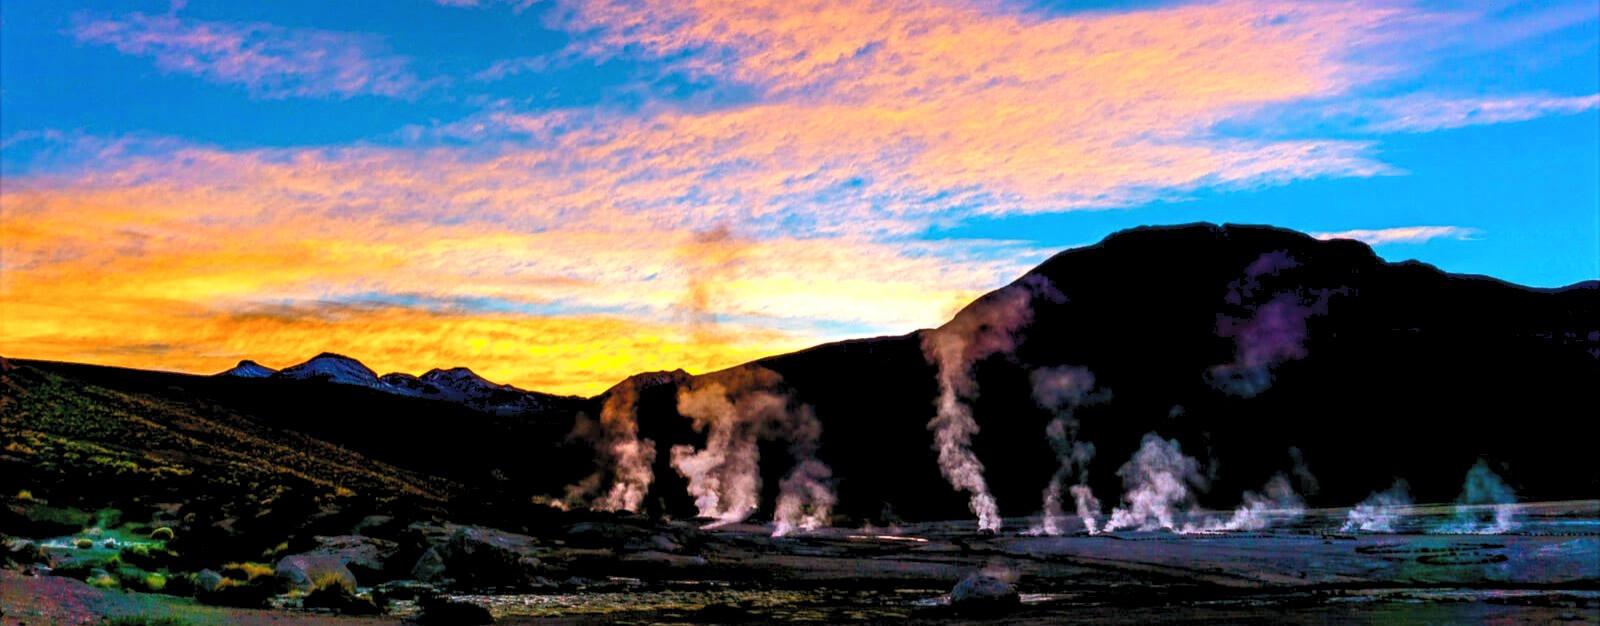 Sunrise-of-Wonders-at-El-Tatio-Geysers_e